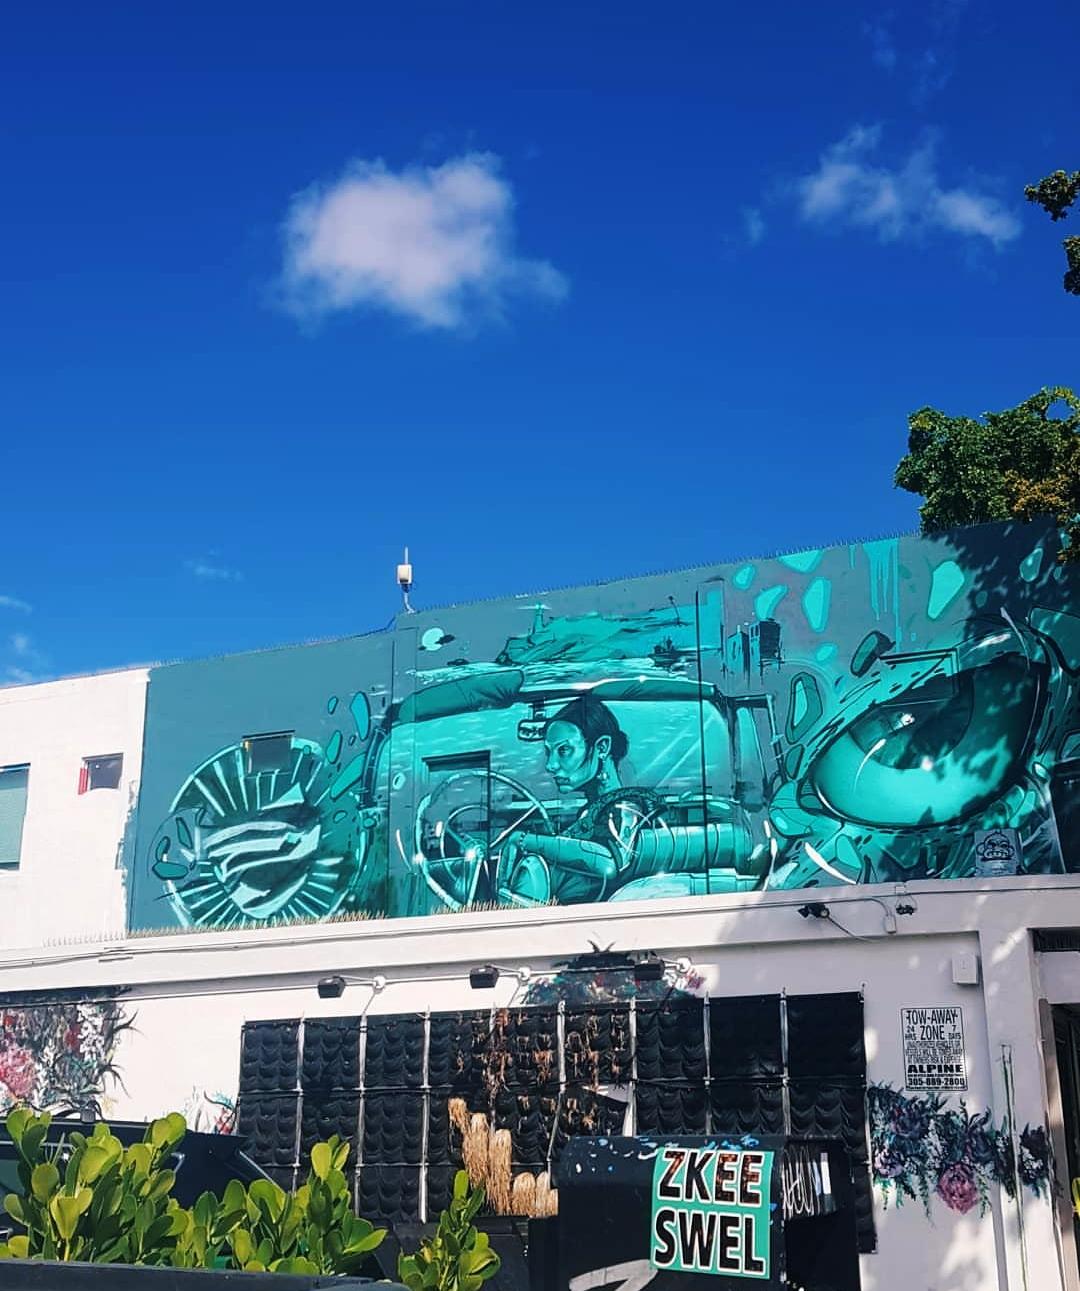 מקומות אהובים מקומות שחובה לראות במיאמי ליטל הוואנה מיאמי